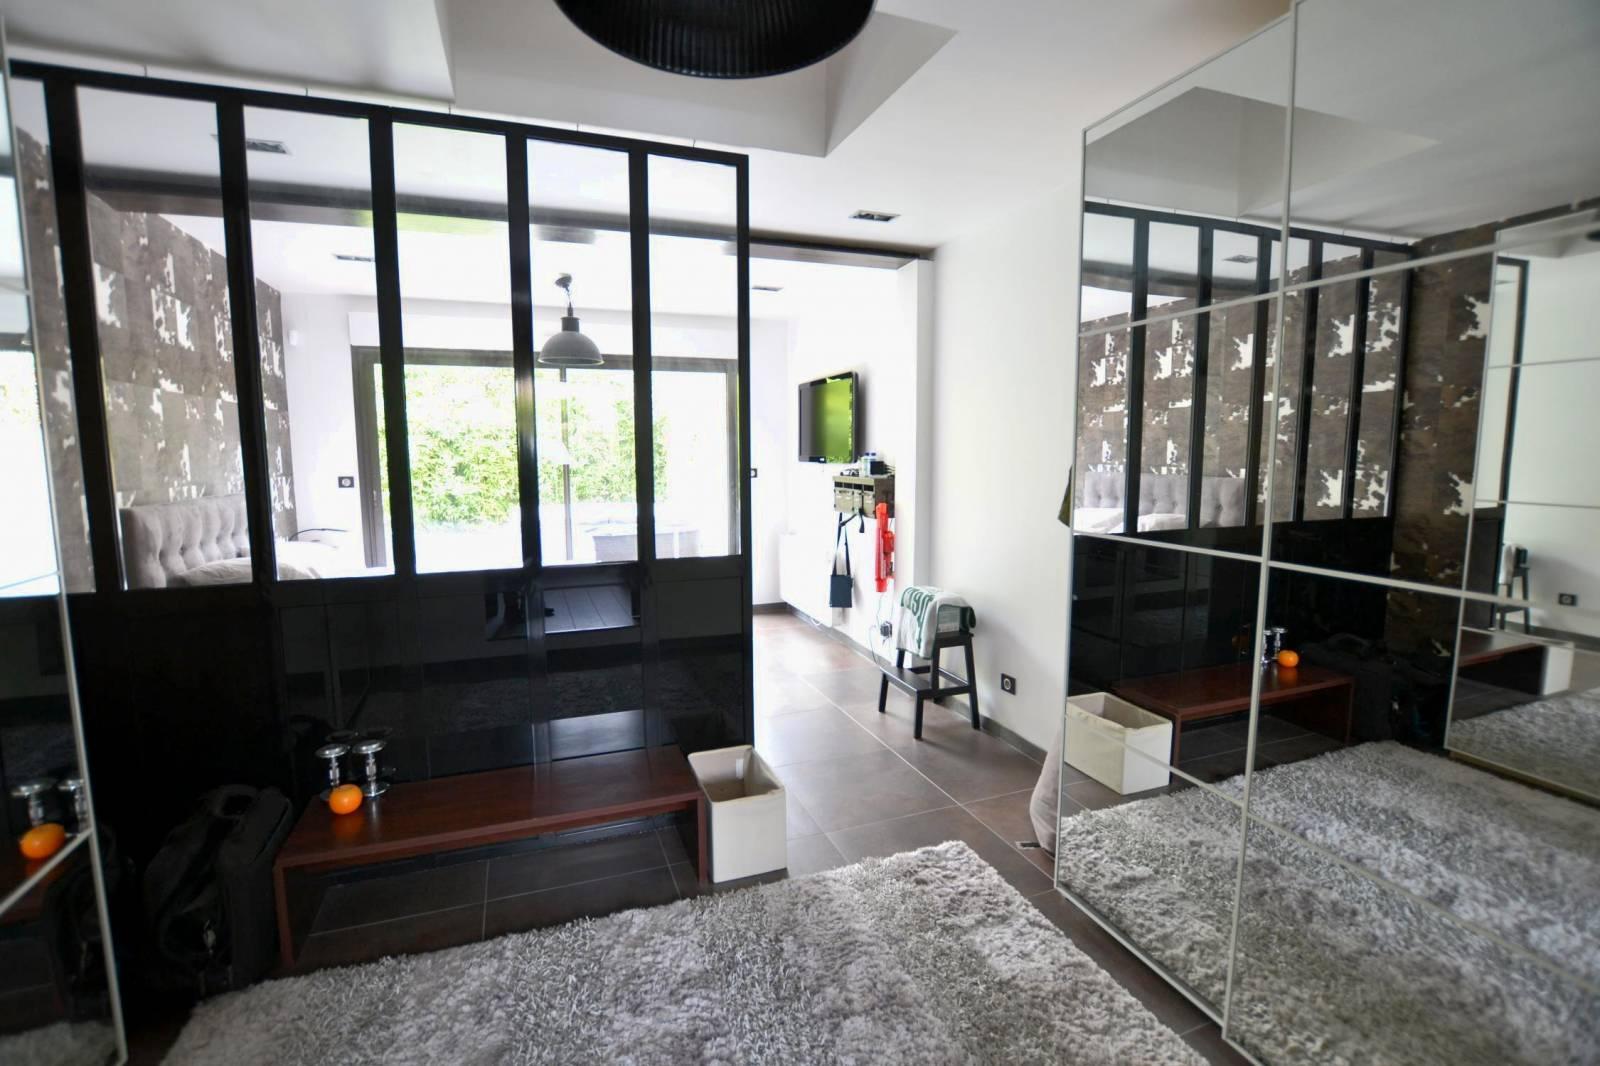 A vendre magnifique maison d'architecte F8/T8 avec 5 chambres sur la commune de Mont Saint ...